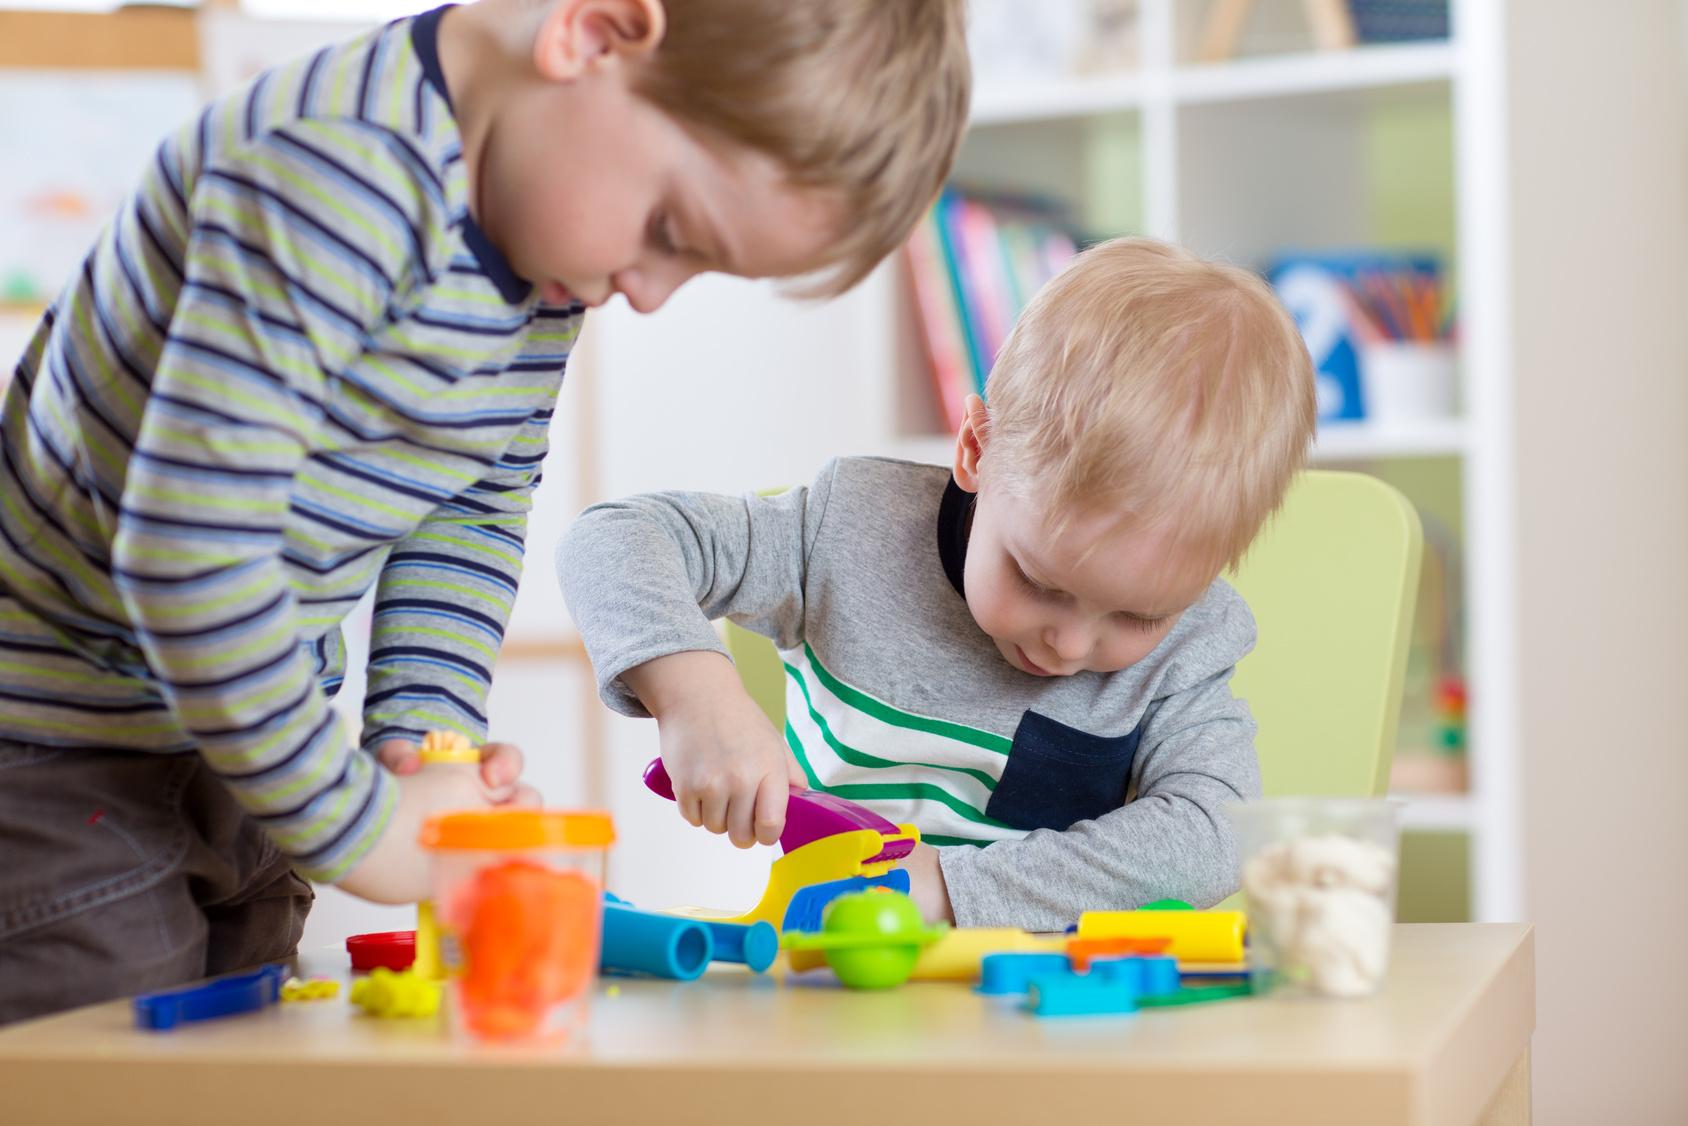 12 Activités Psychomotrices Pour Les 0-3 Ans - Nanny Secours destiné Jeux Enfant De 3 Ans